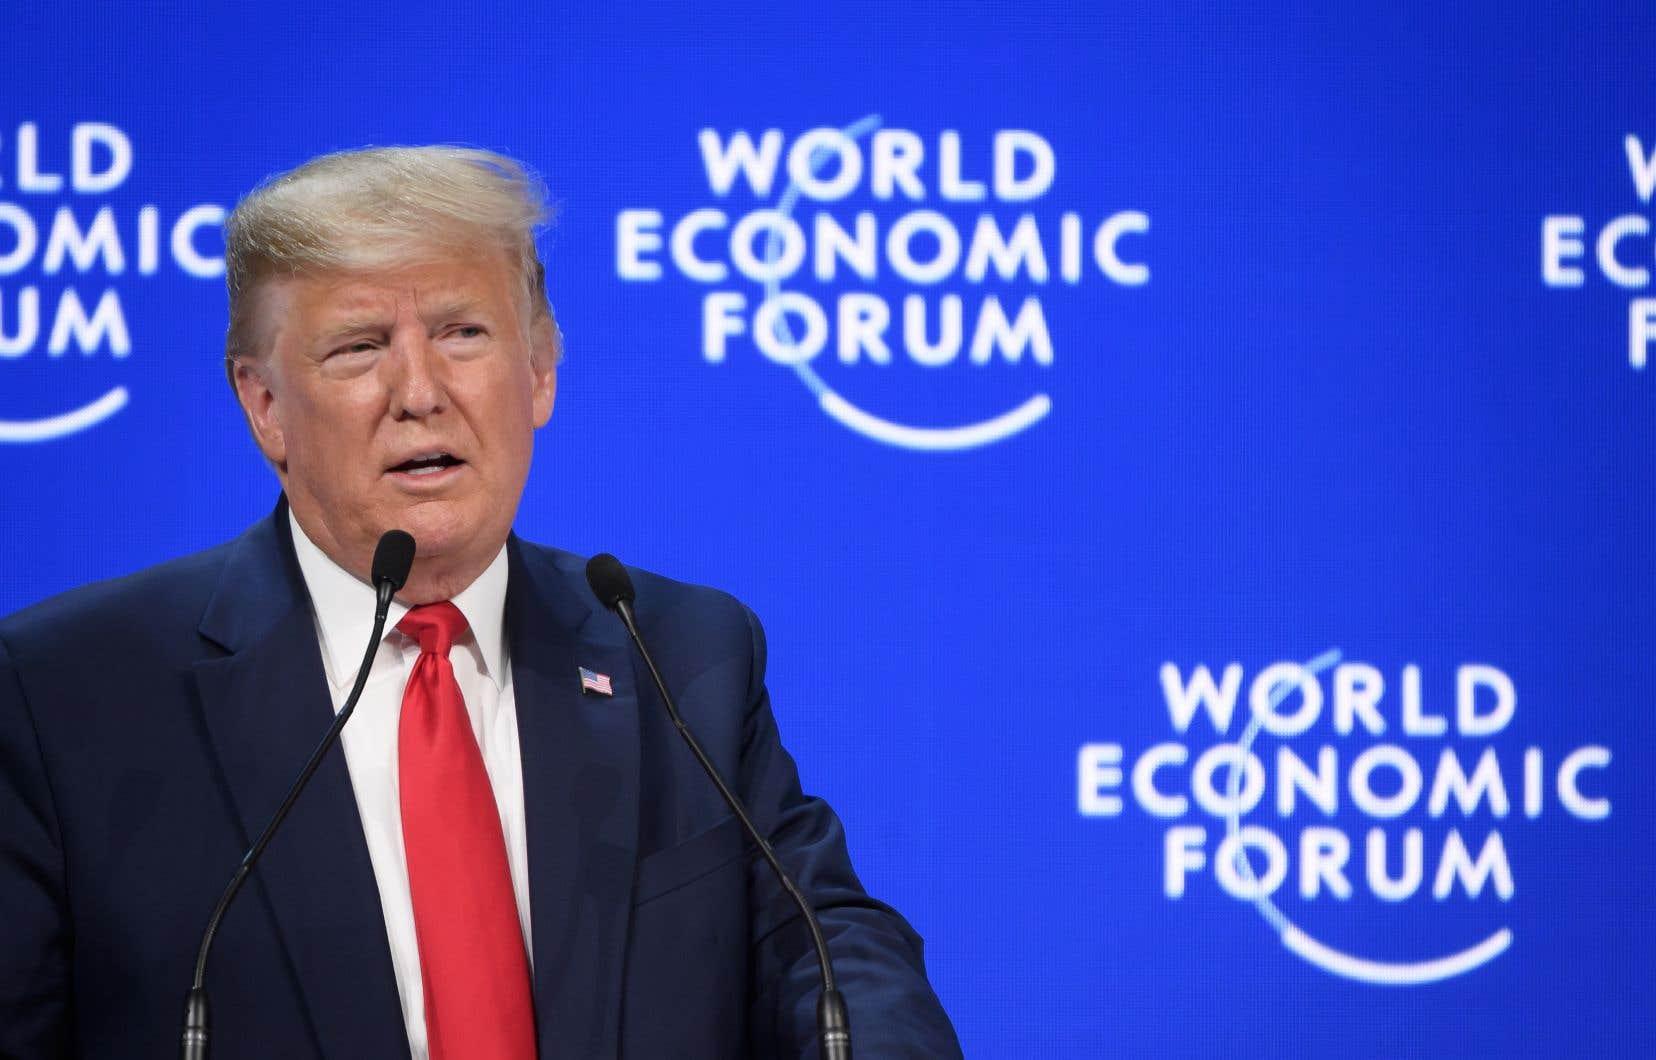 Le président américain donnait un discourstrès attendu devant l'élite politique et économique mondiale.